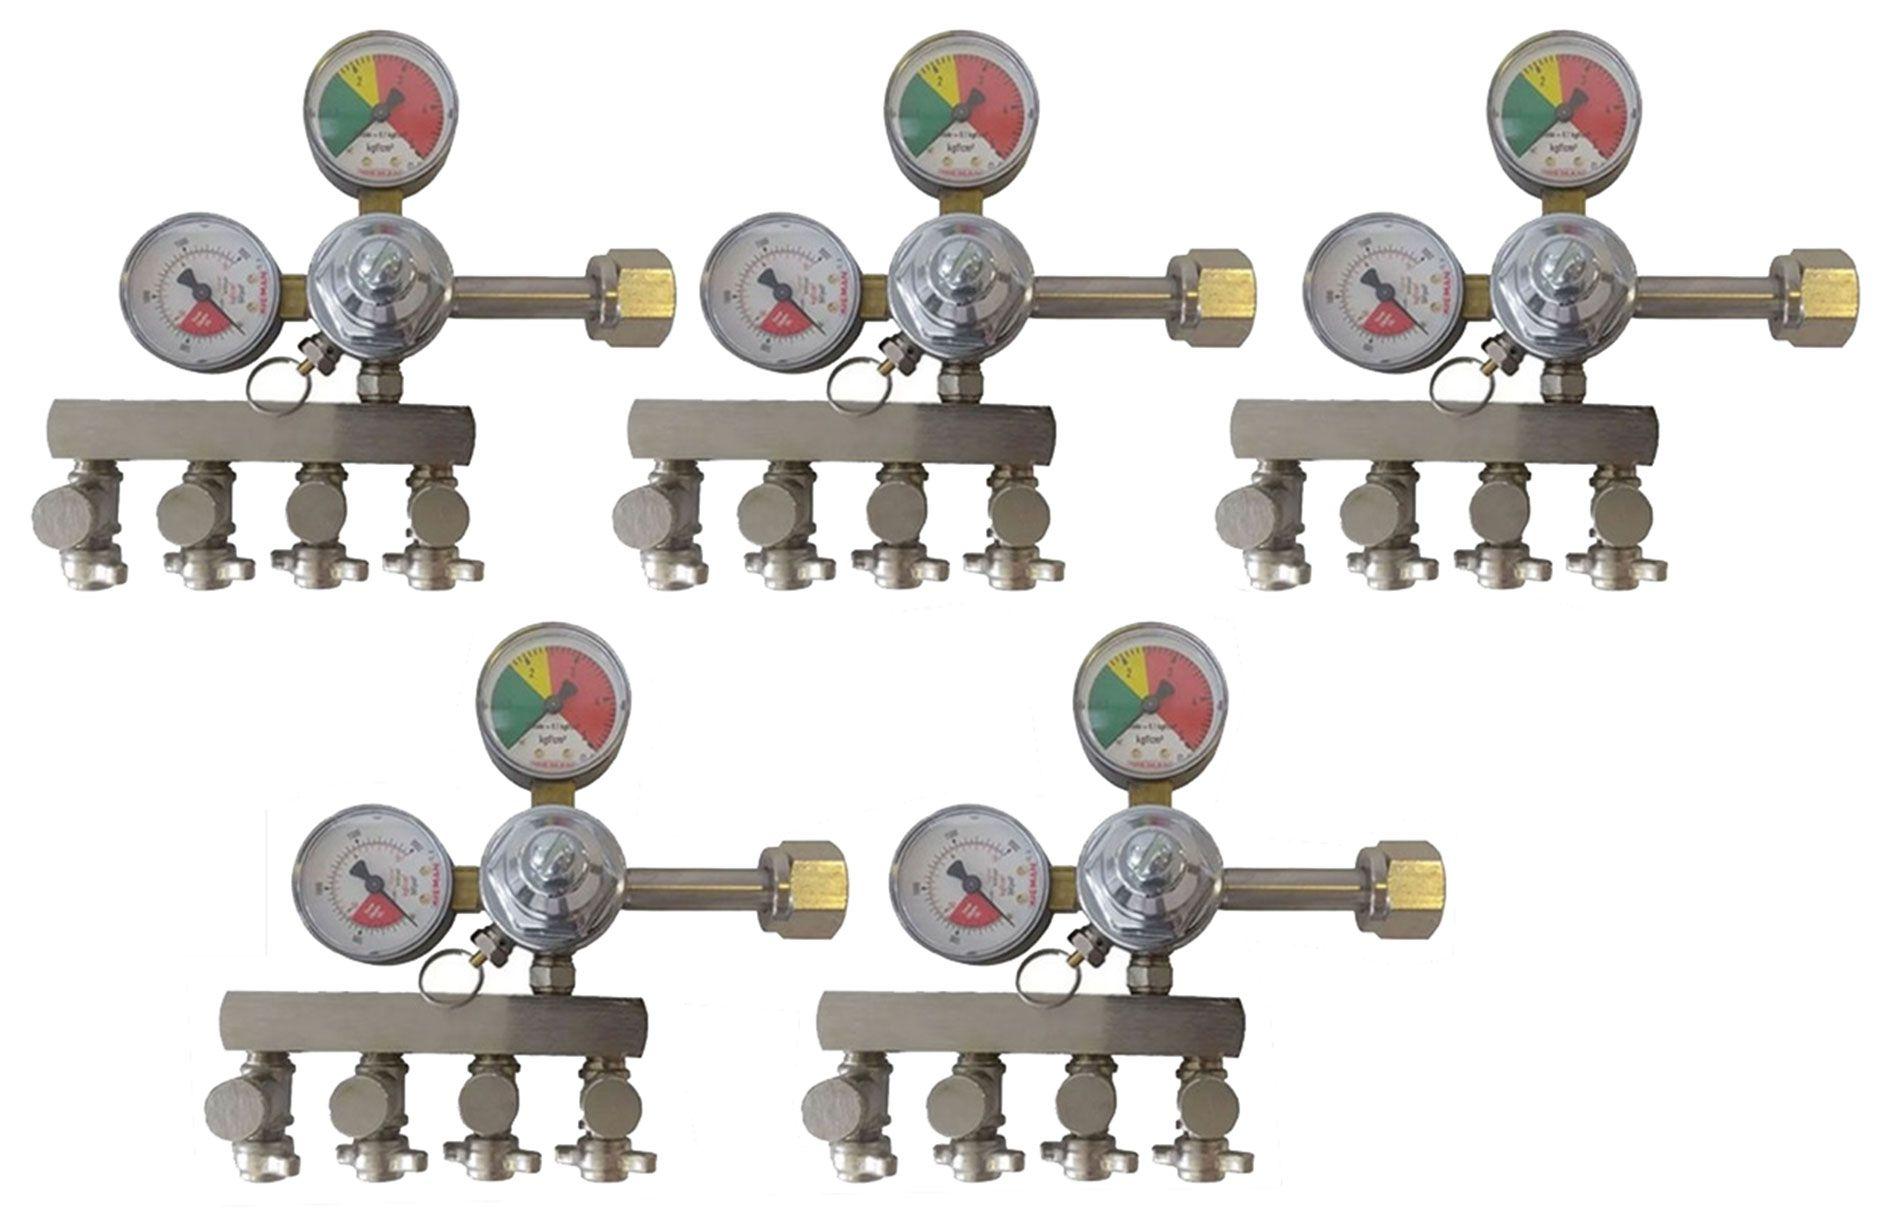 KIT 5 REGULADORES DE PRESSÃO CO2 PARA CHOPP 4 SAÍDAS AJUSTE FINO